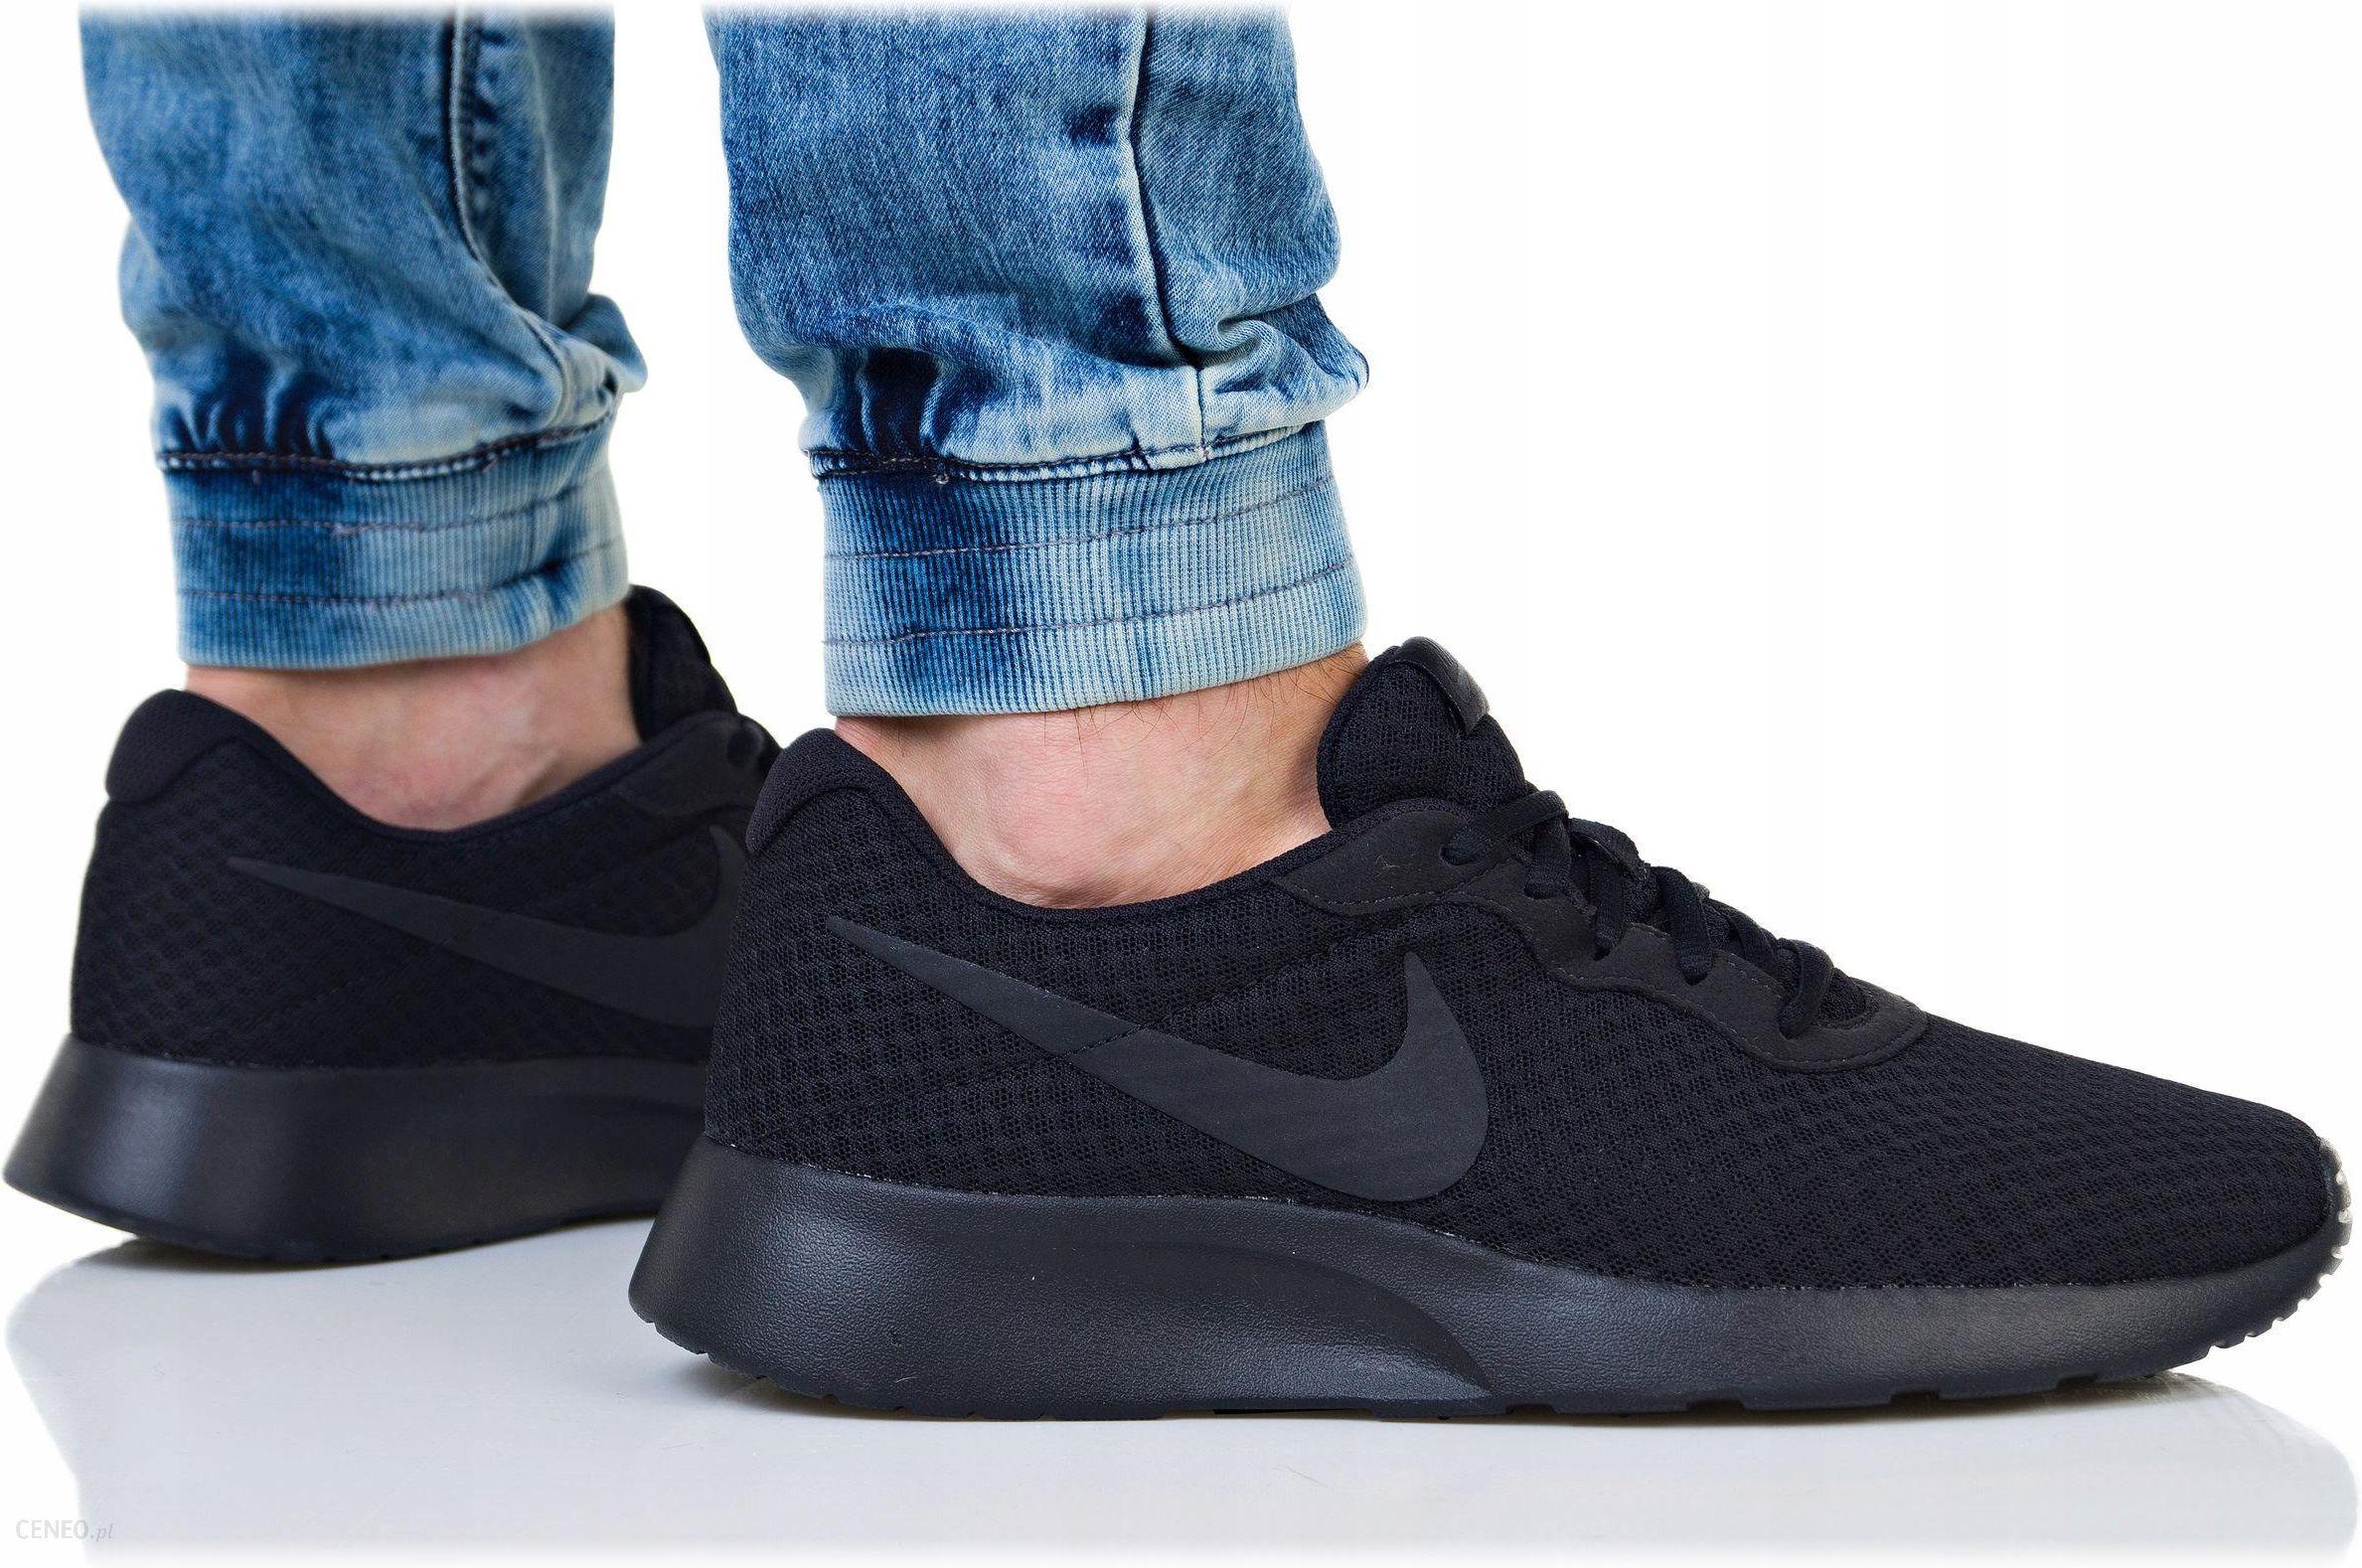 jakość wyprzedaż w sklepie wyprzedażowym unikalny design Buty Nike Tanjun 812654-001 Męskie Czarne - Ceny i opinie - Ceneo.pl